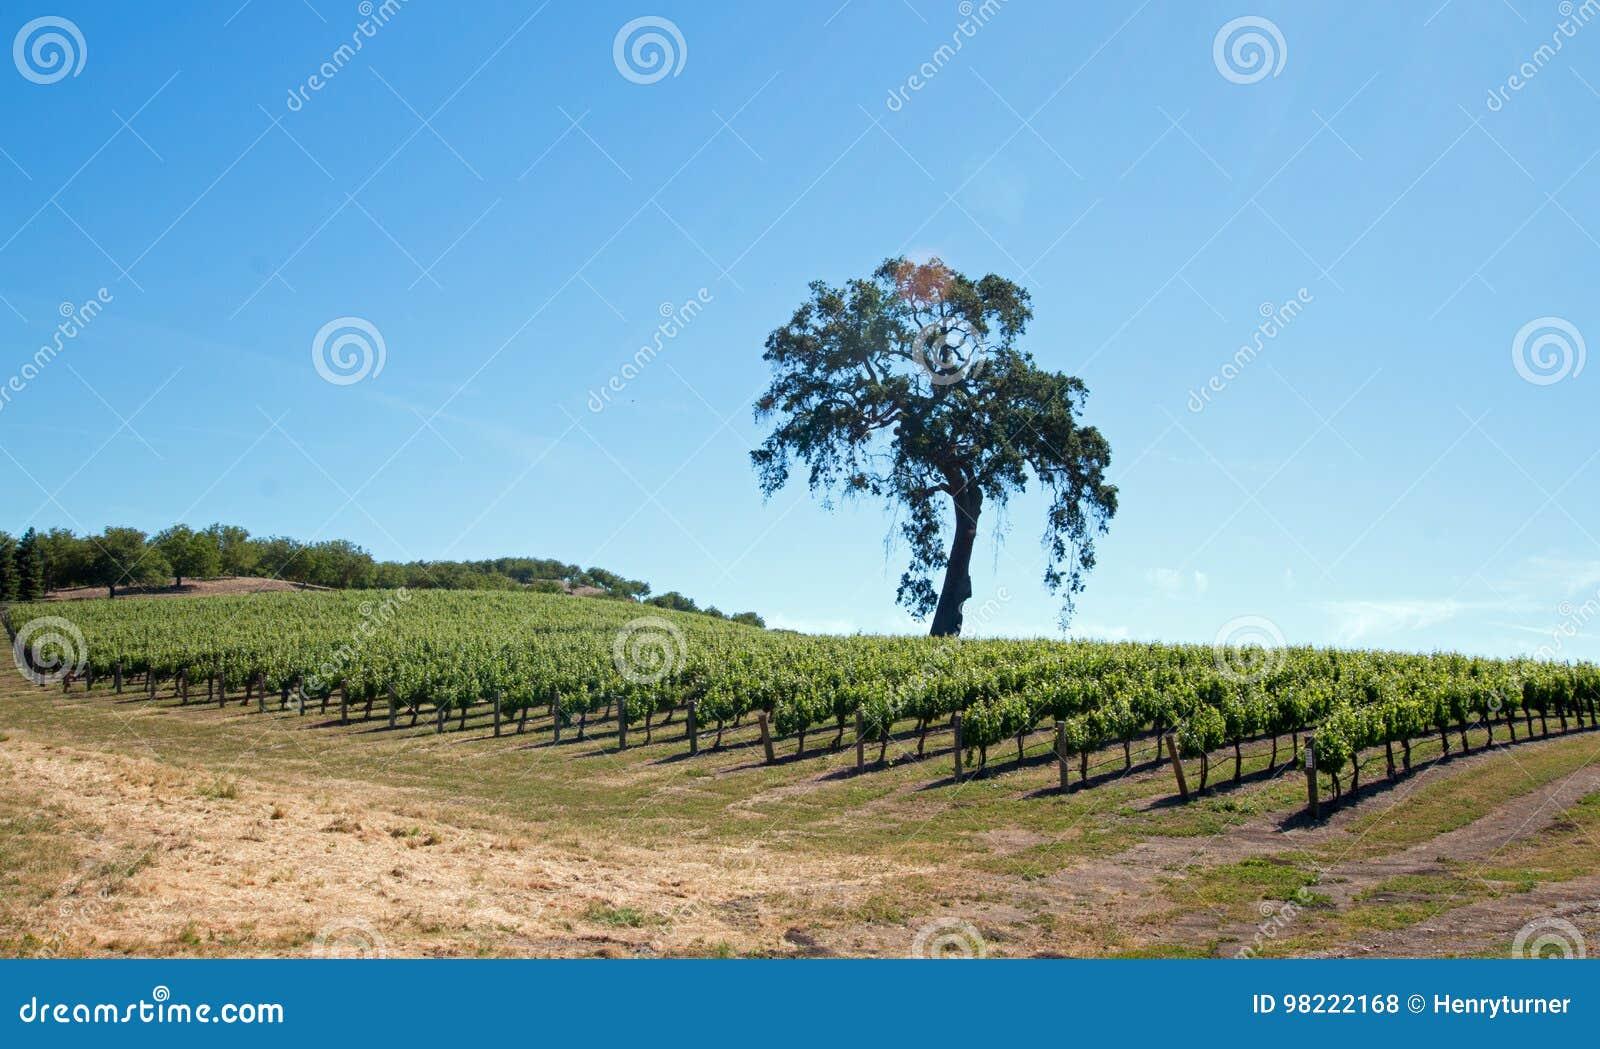 Δρύινο δέντρο Καλιφόρνιας στους αμπελώνες κάτω από το μπλε ουρανό στη χώρα κρασιού Paso Robles σε κεντρική Καλιφόρνια ΗΠΑ